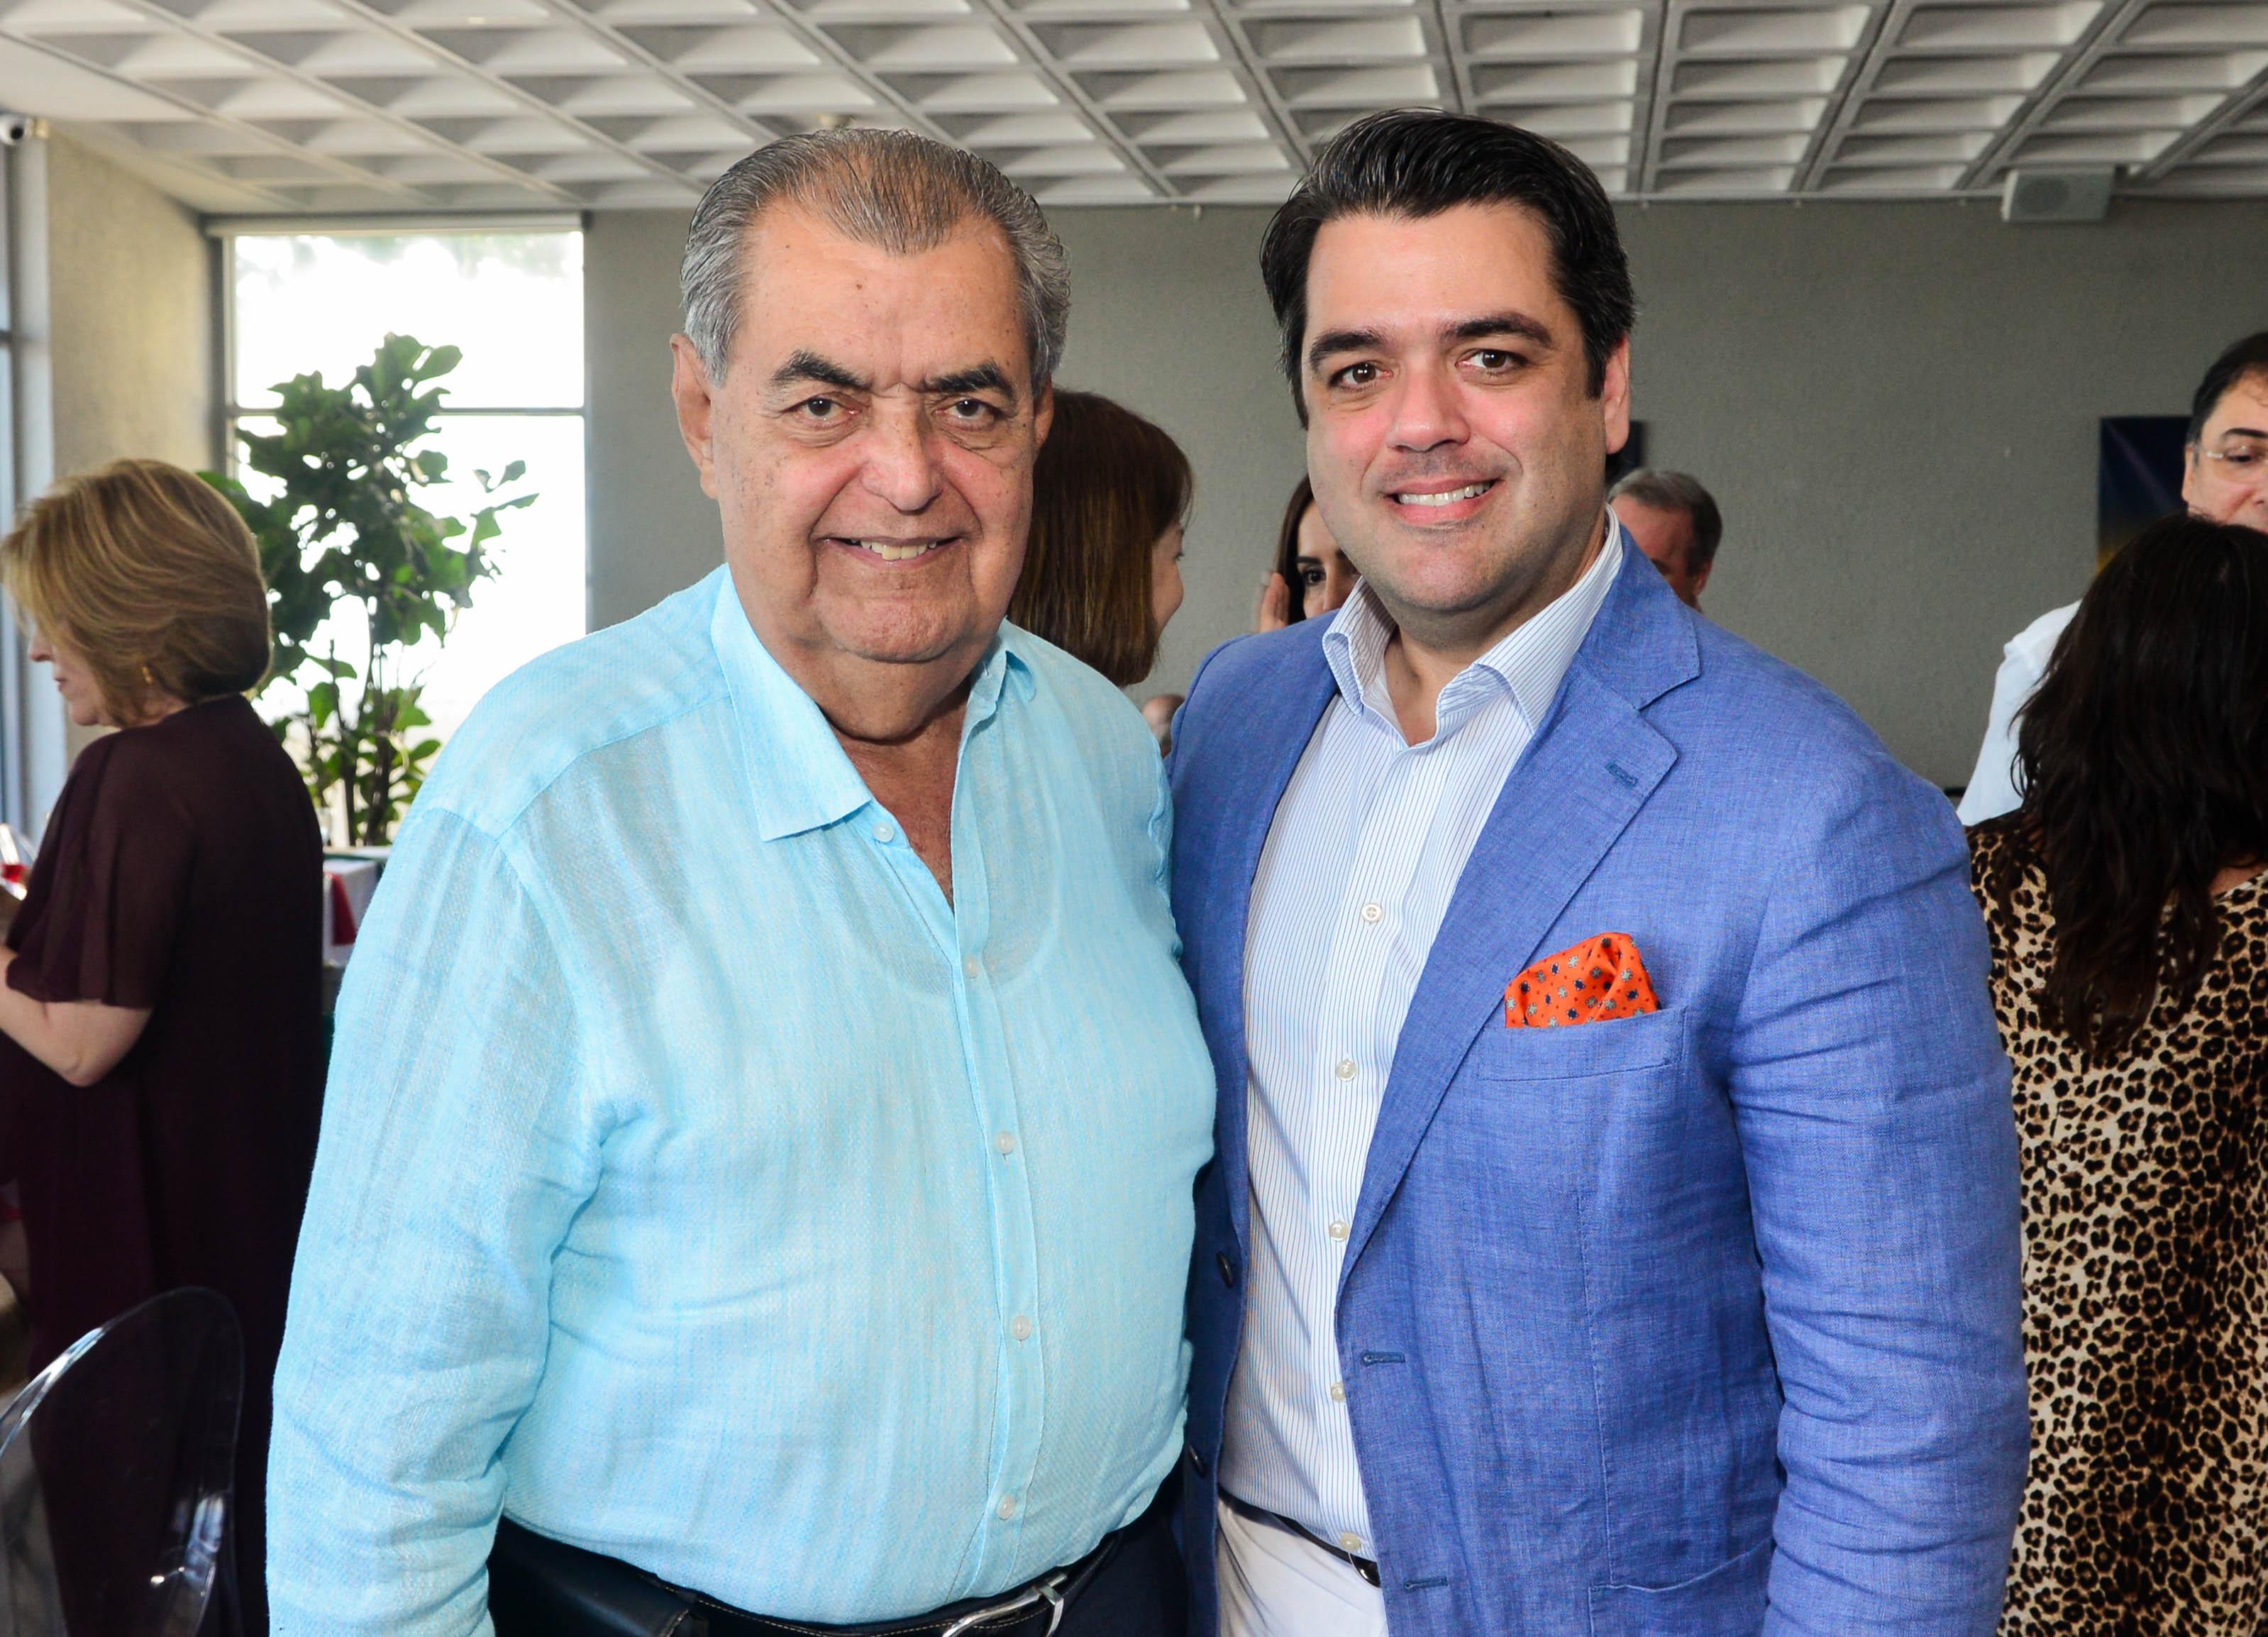 José y Juan José Forastieri. Foto por: Enid M. Salgado Mercado.